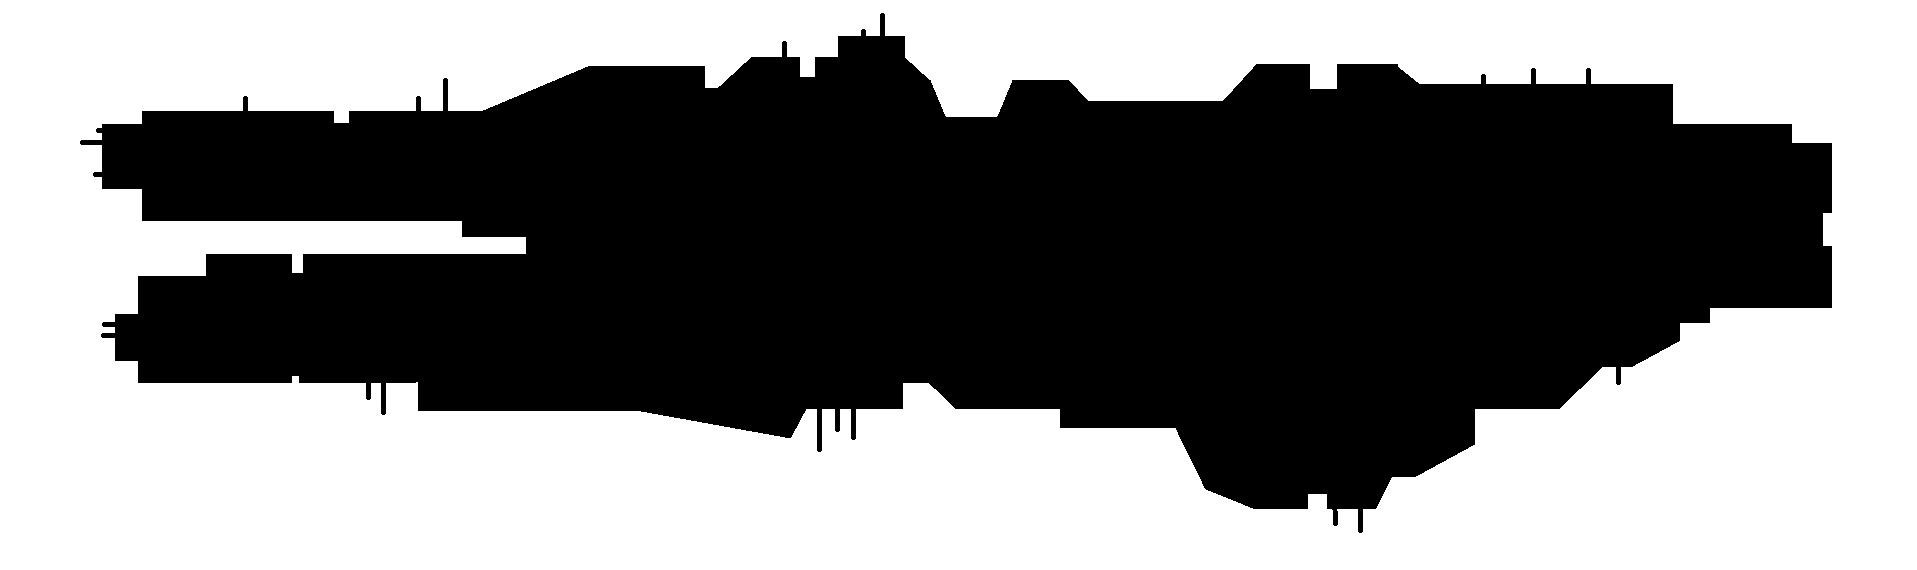 A. P. Hill-class light frigate